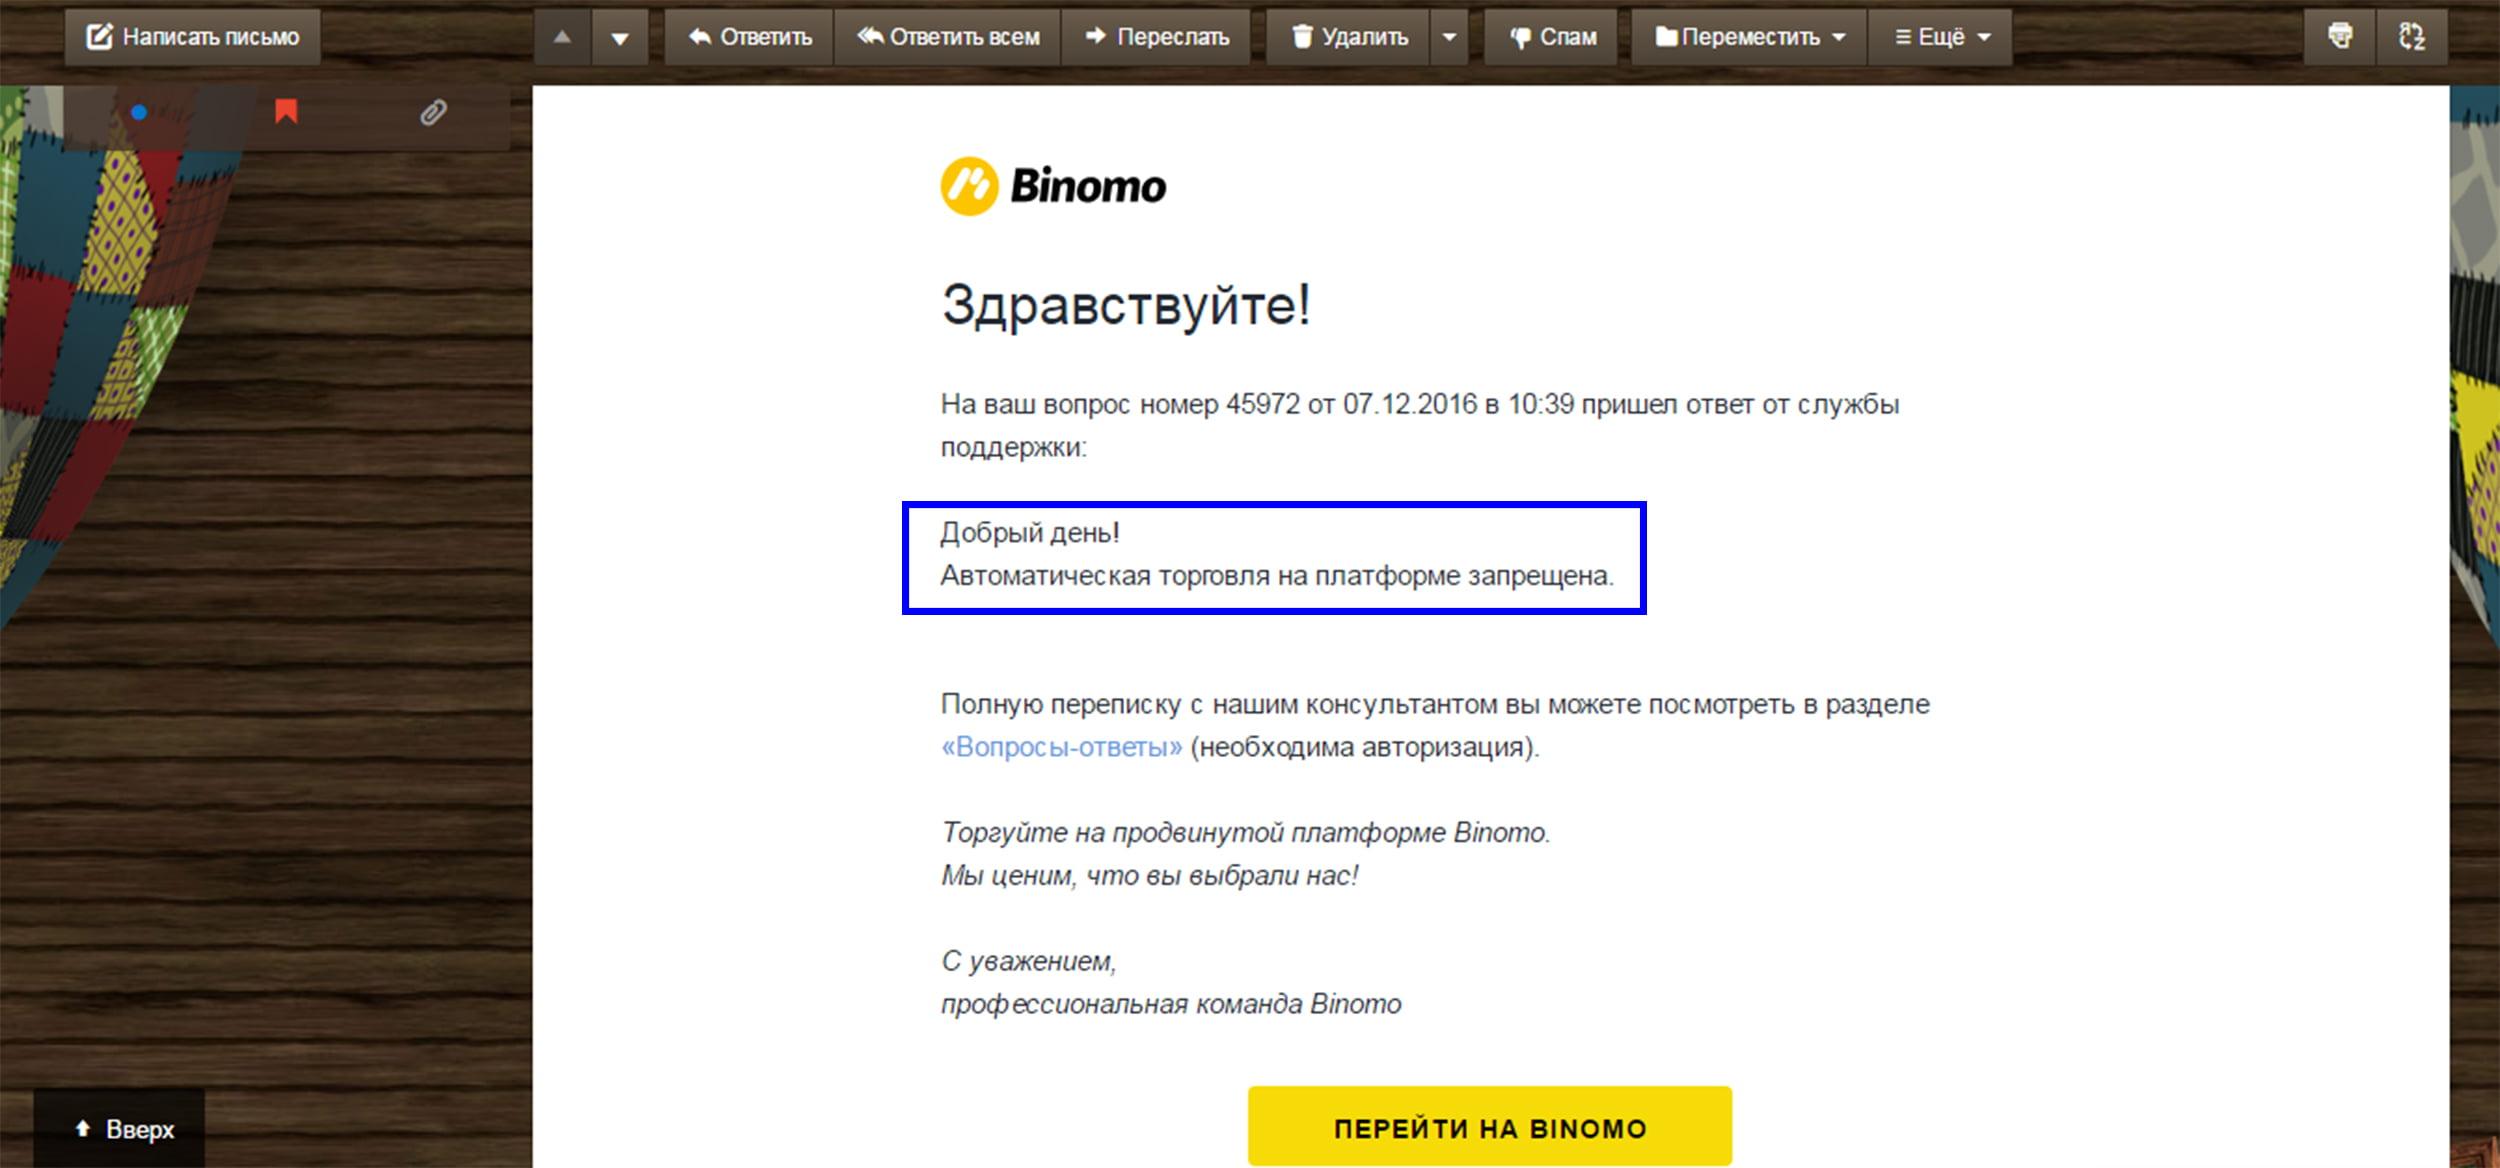 автоматическая торговля на платформе брокера Биномо запрещена